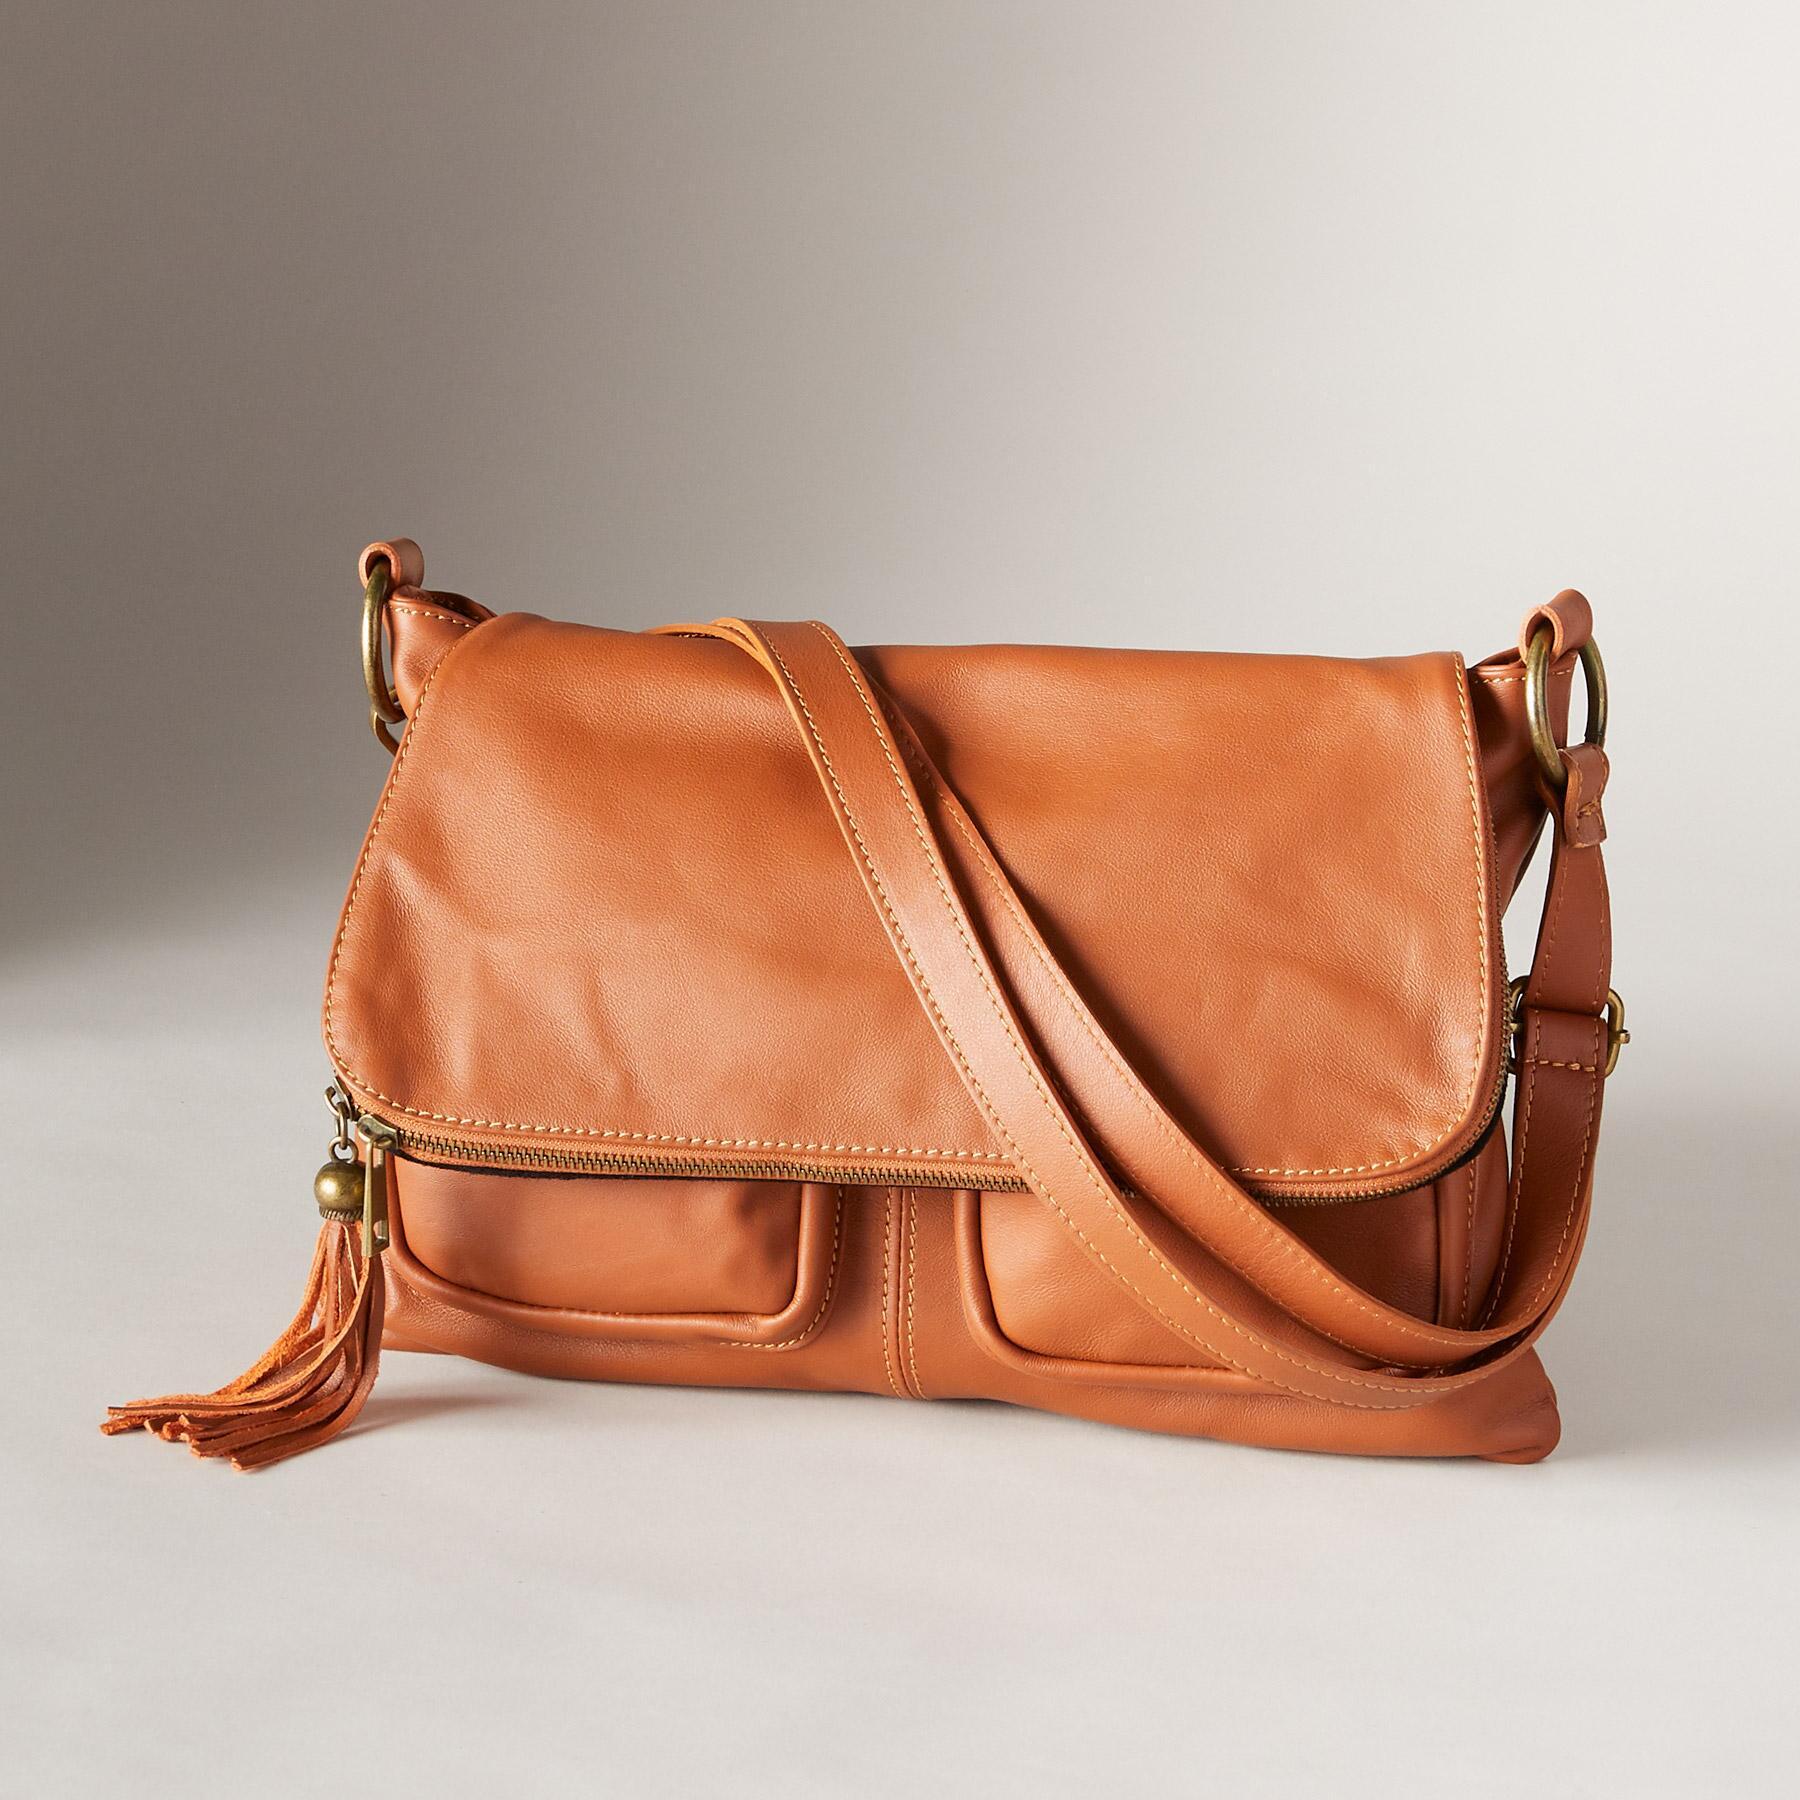 Beaumont bag